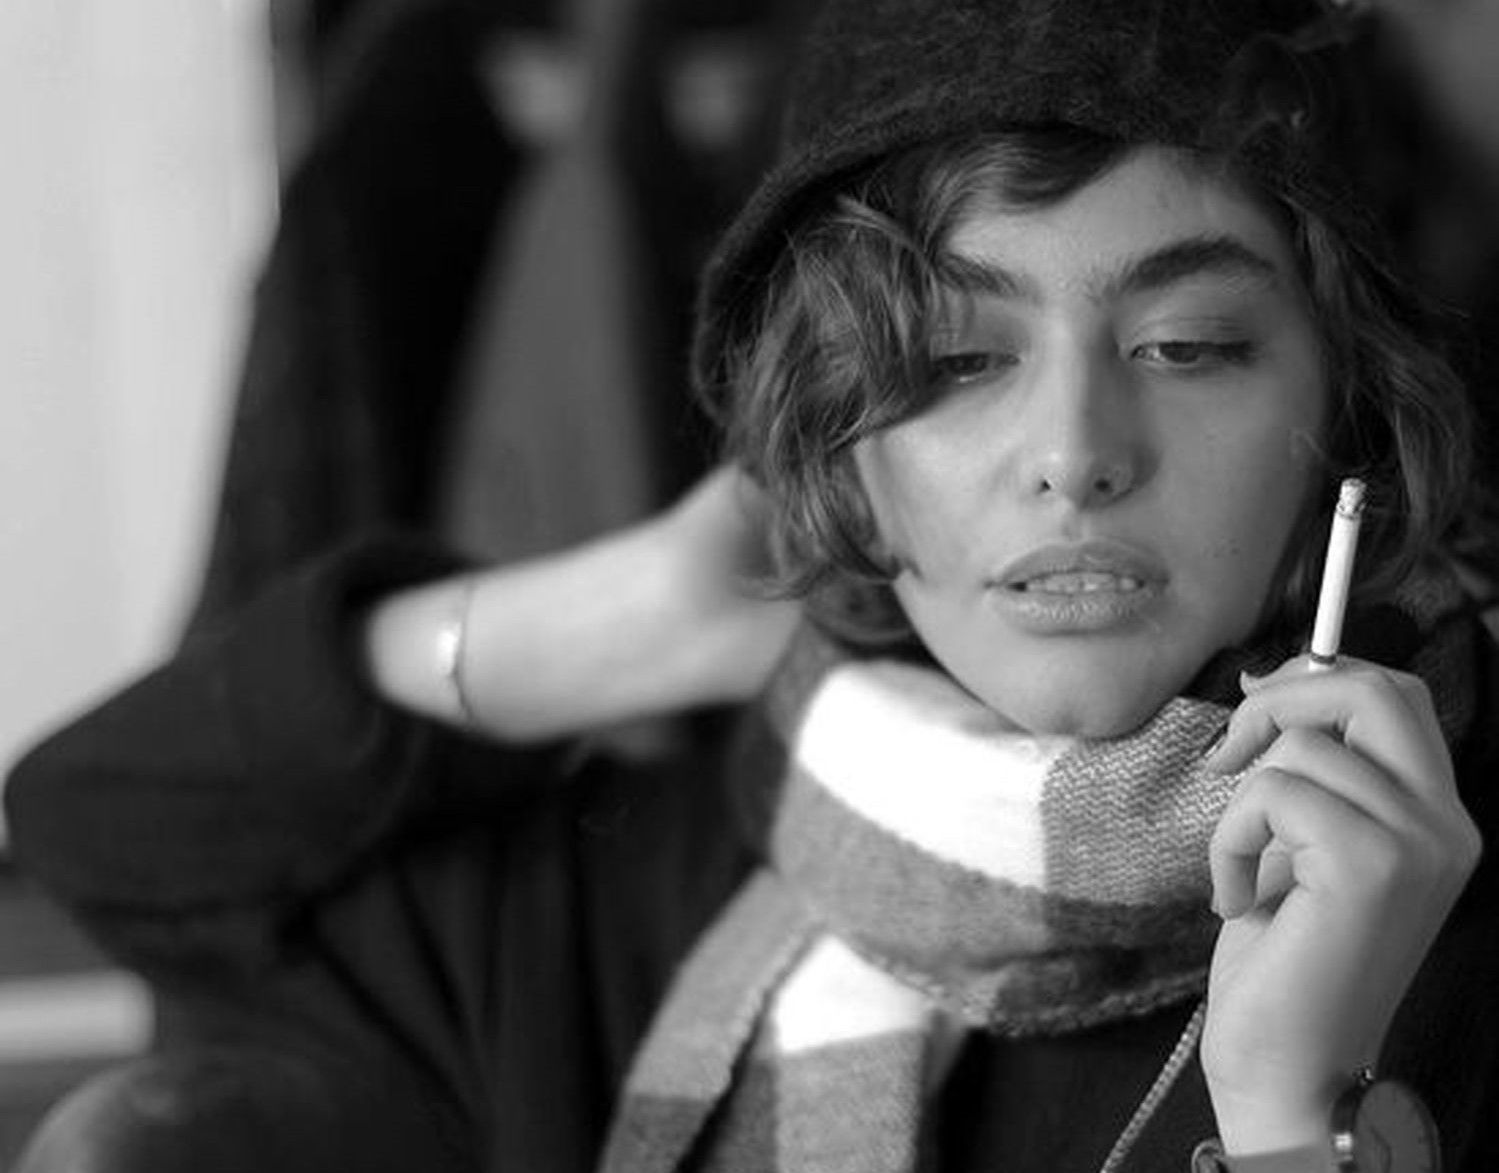 عکس لورفته از ریحانه پارسا با نوازنده شادمهر در ترکیه + عکس